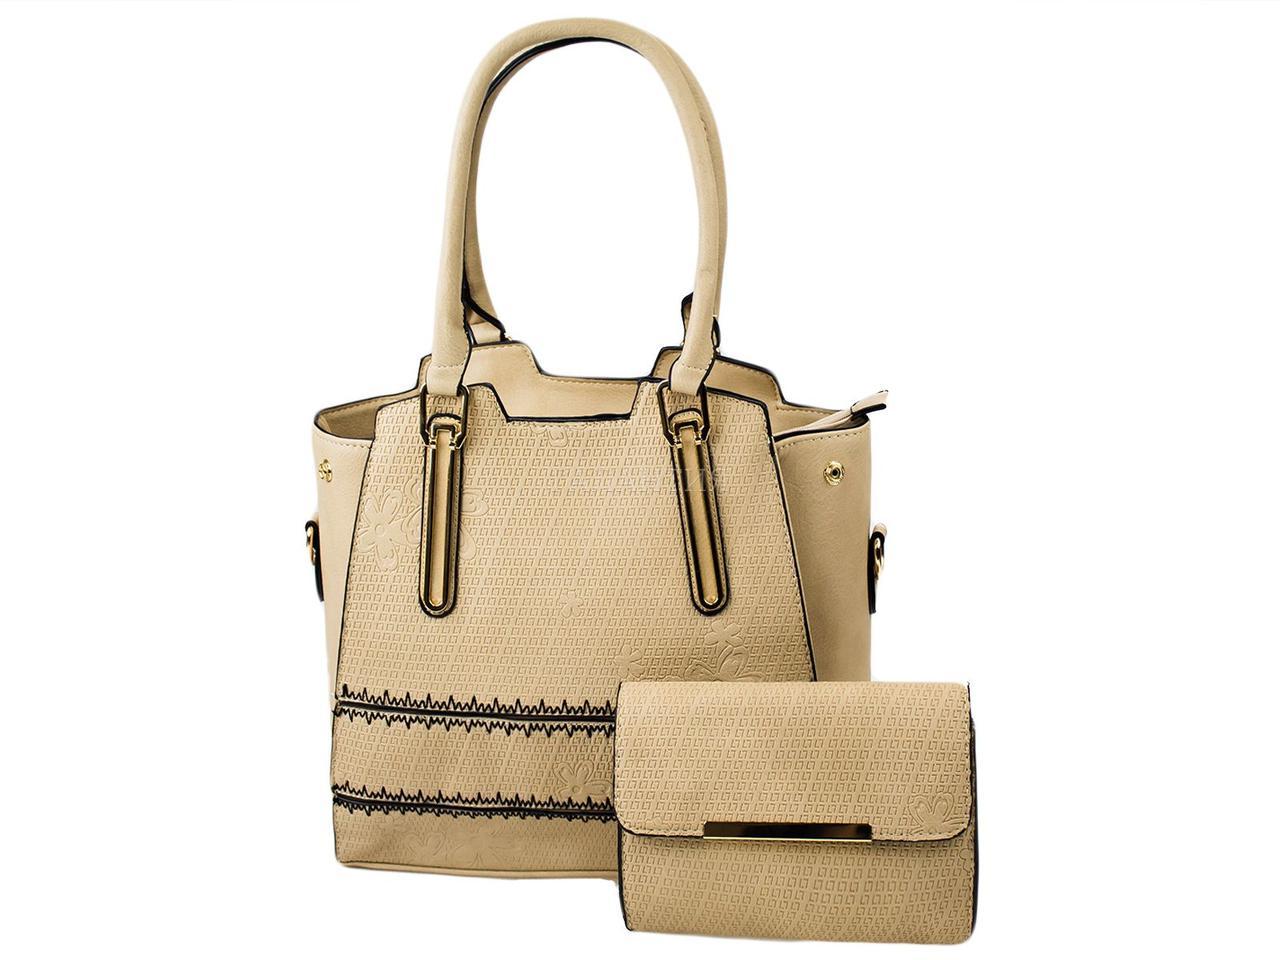 22885b5eddfb Набор сумок 3528-14 бежевый (сумка+клатч): продажа, цена в Херсоне ...